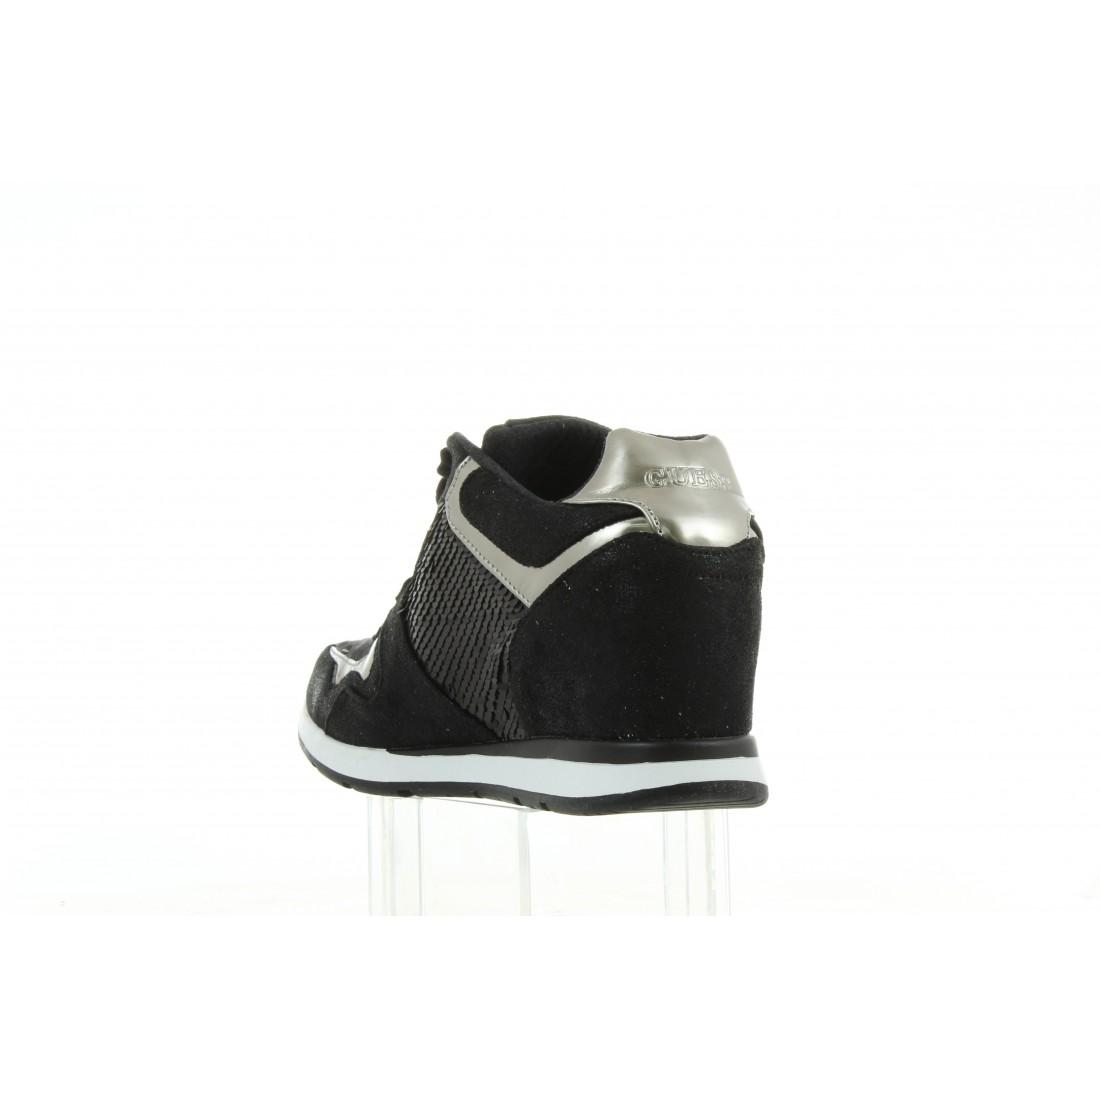 FLLAC4 FAB12 BLACK Czarny